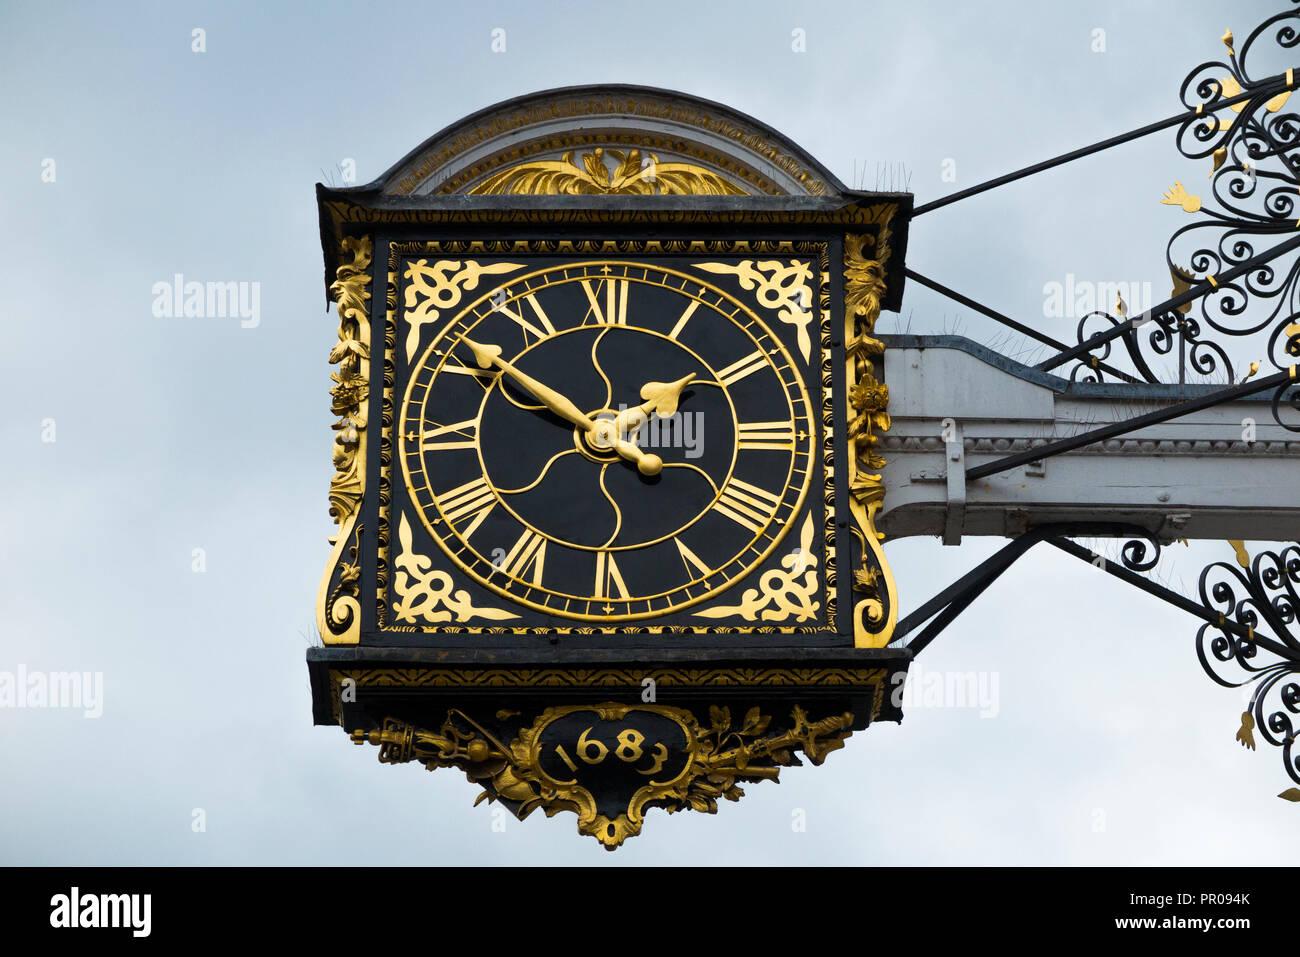 Das historische Guildford 1683 Town Clock auf der Vorderseite der Guildhall. High Street, Guildford. UK. (102) Stockbild